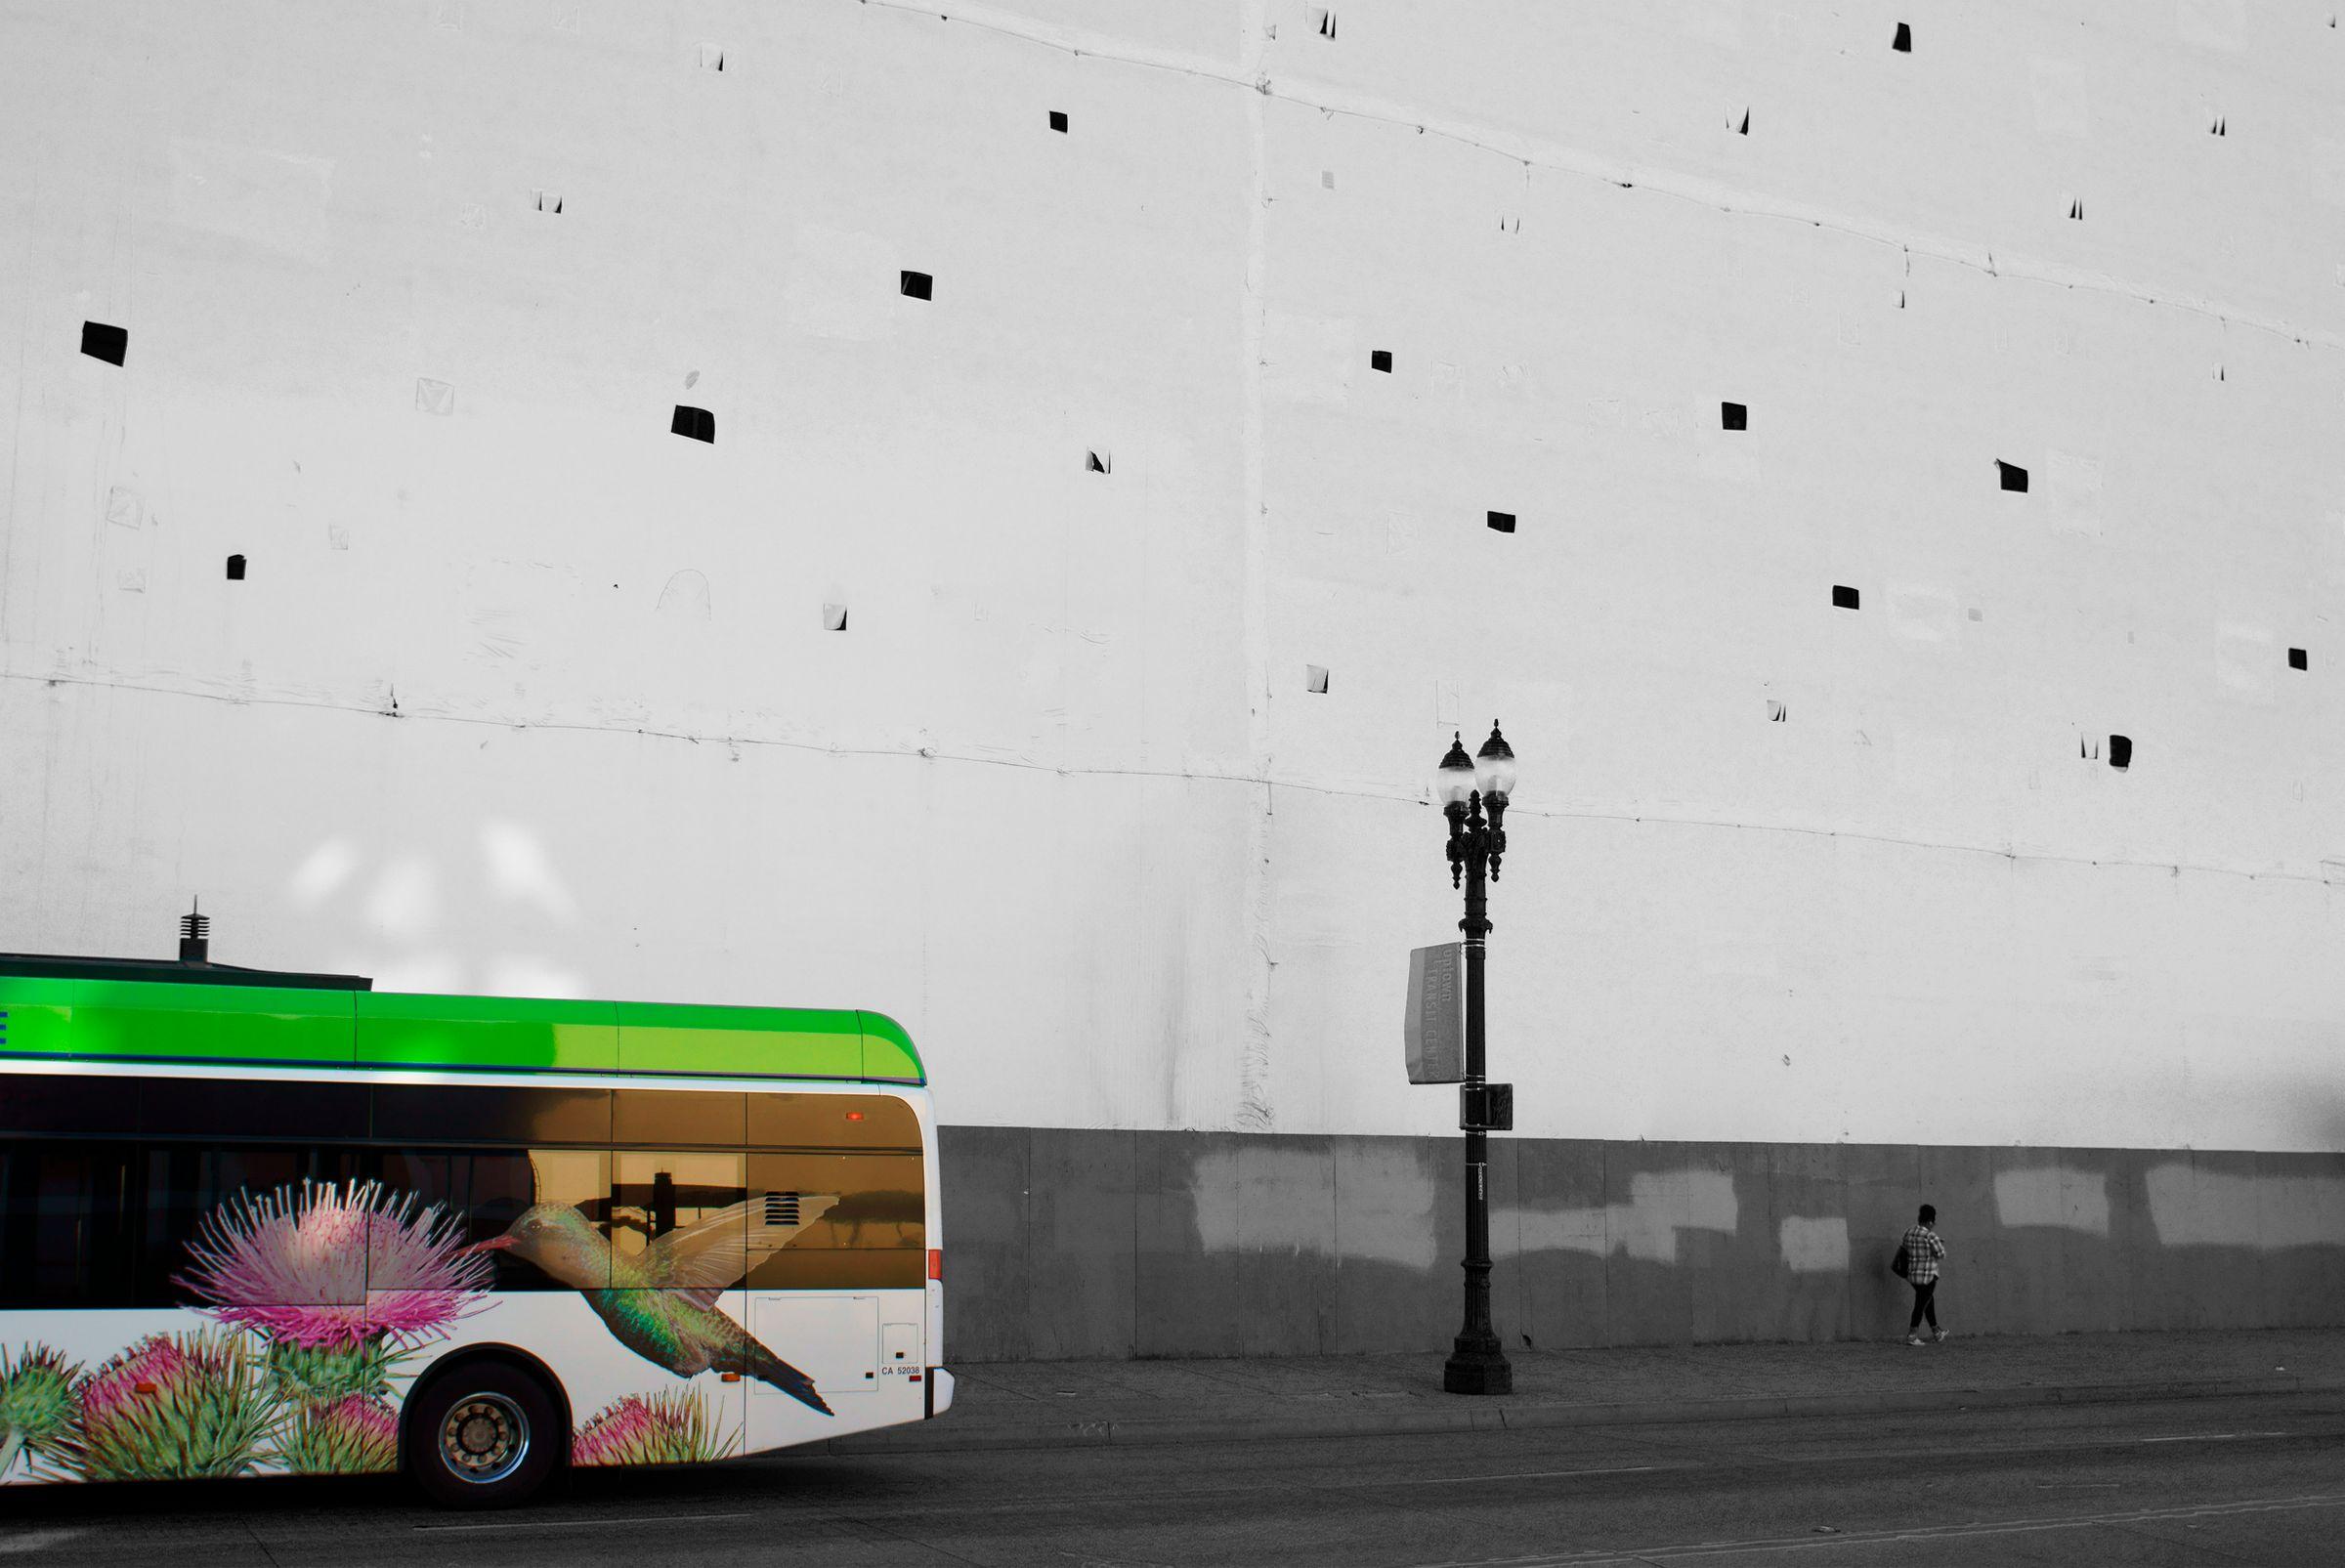 Hummingbird Bus, Oakland CA